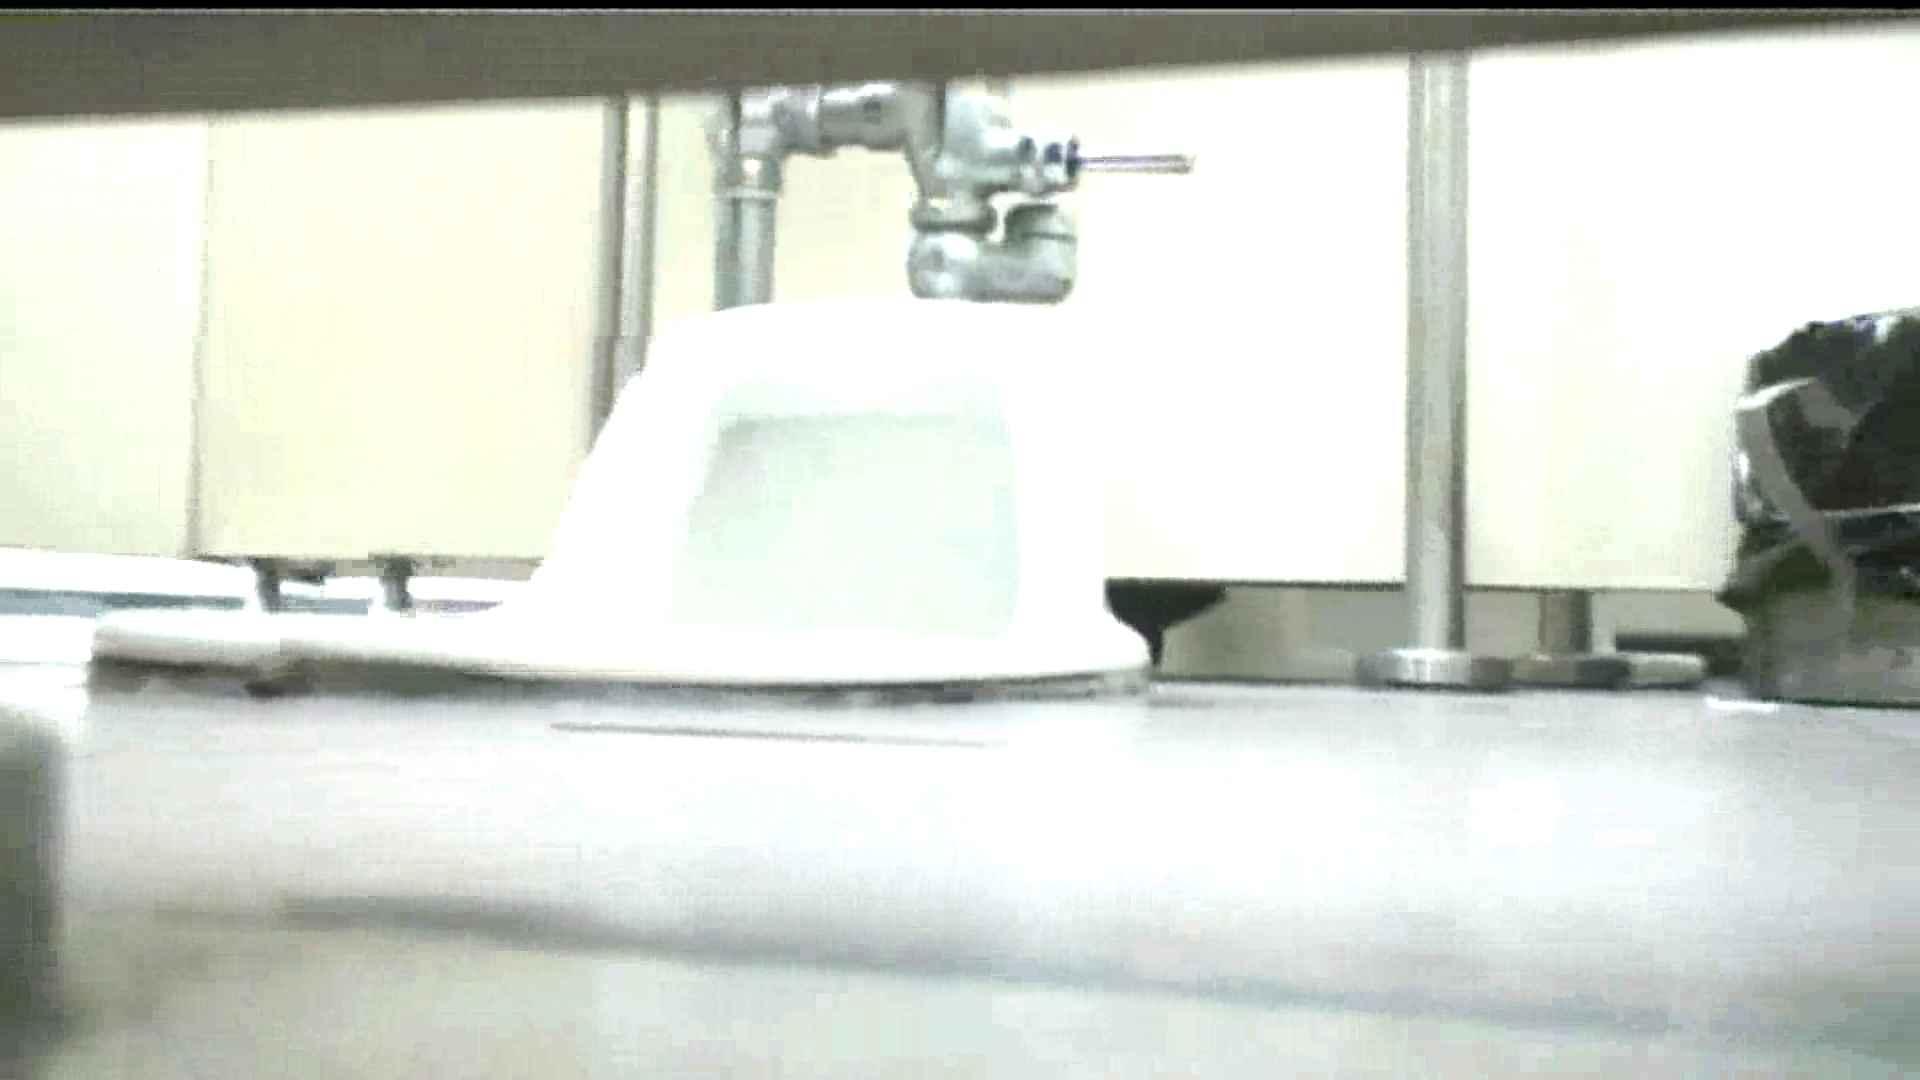 マンコ丸見え女子洗面所Vol.47 シャワー | OLすけべ画像  76連発 1